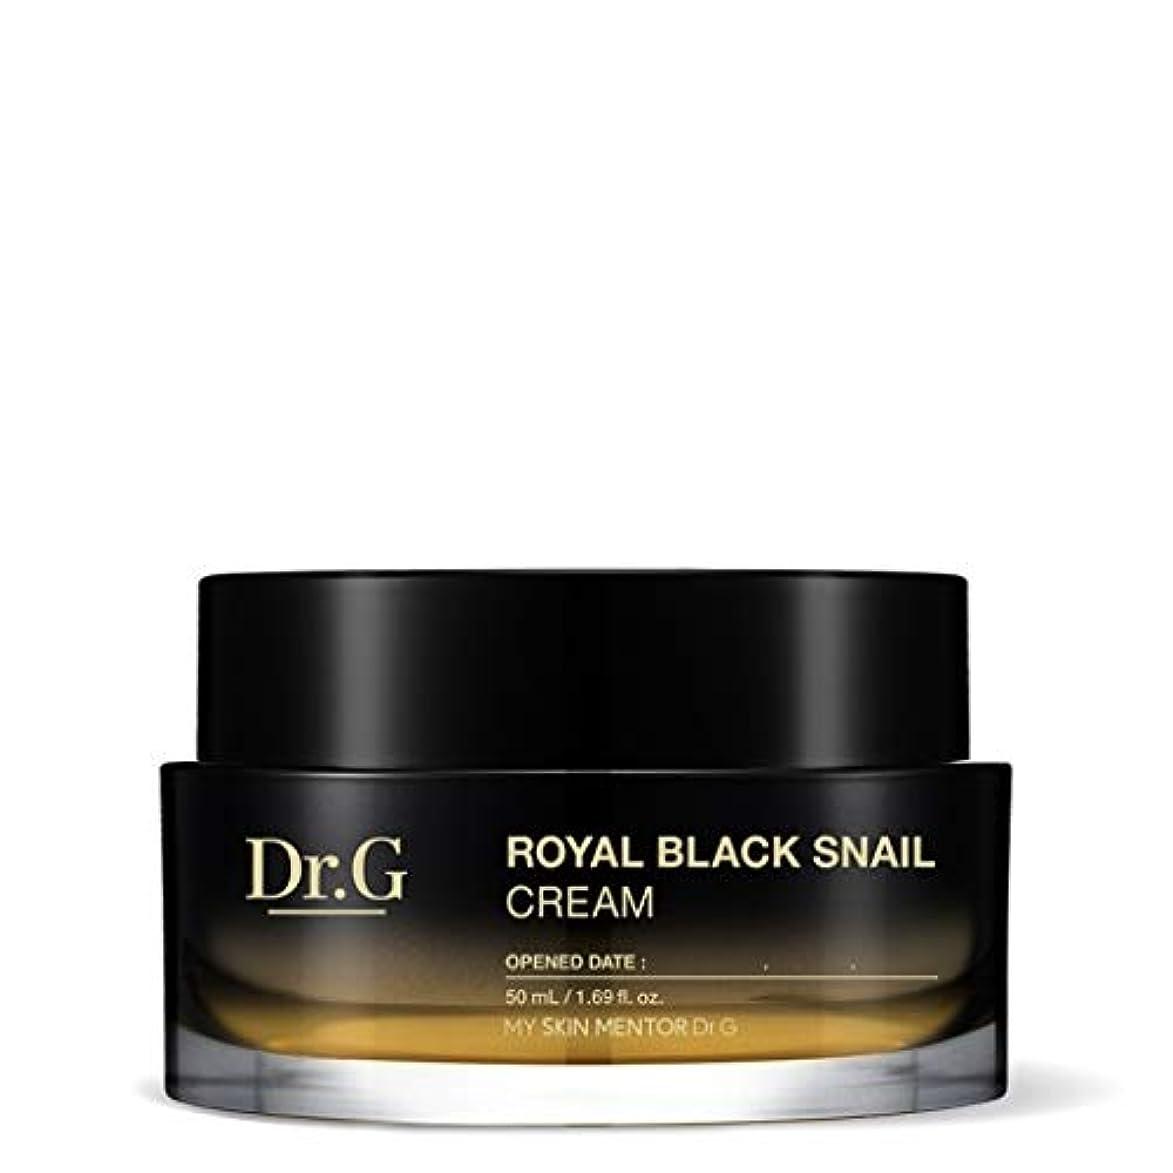 彫刻医師思い出させる[Dr.Gドクタージー] ロイヤルブラックスネイルクリーム 50ml / Royal Black Snail Cream